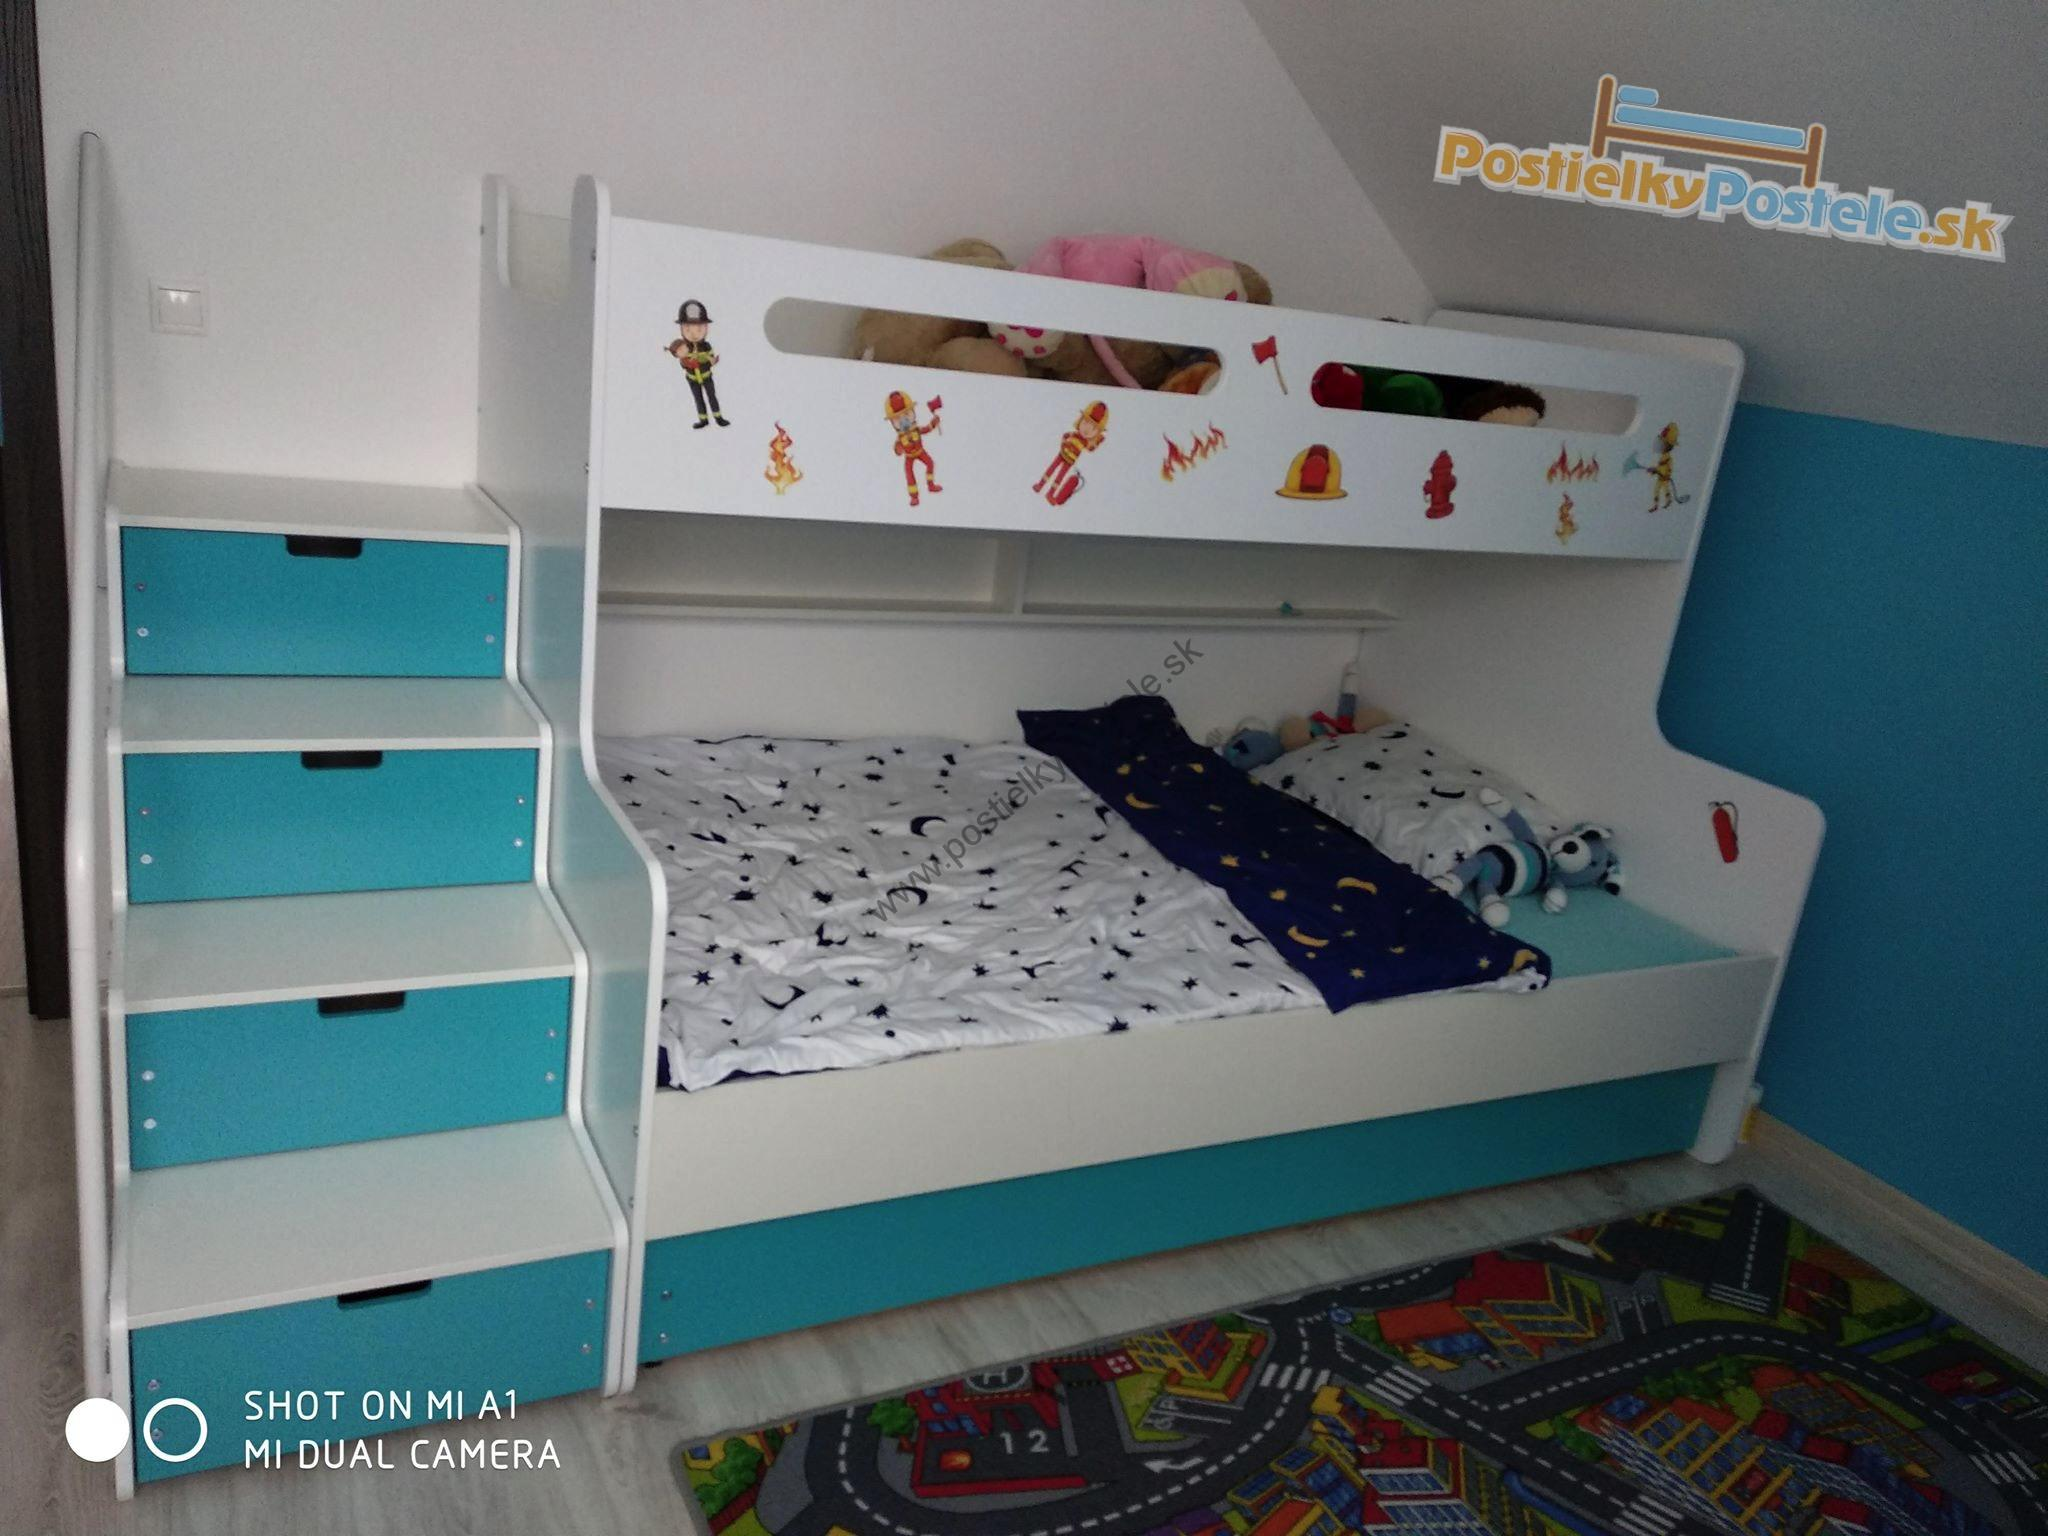 MAX 3 - Poschodová posteľ rozšírená - 200x120cm - Biely - Modrý ... 0c98abea1aa